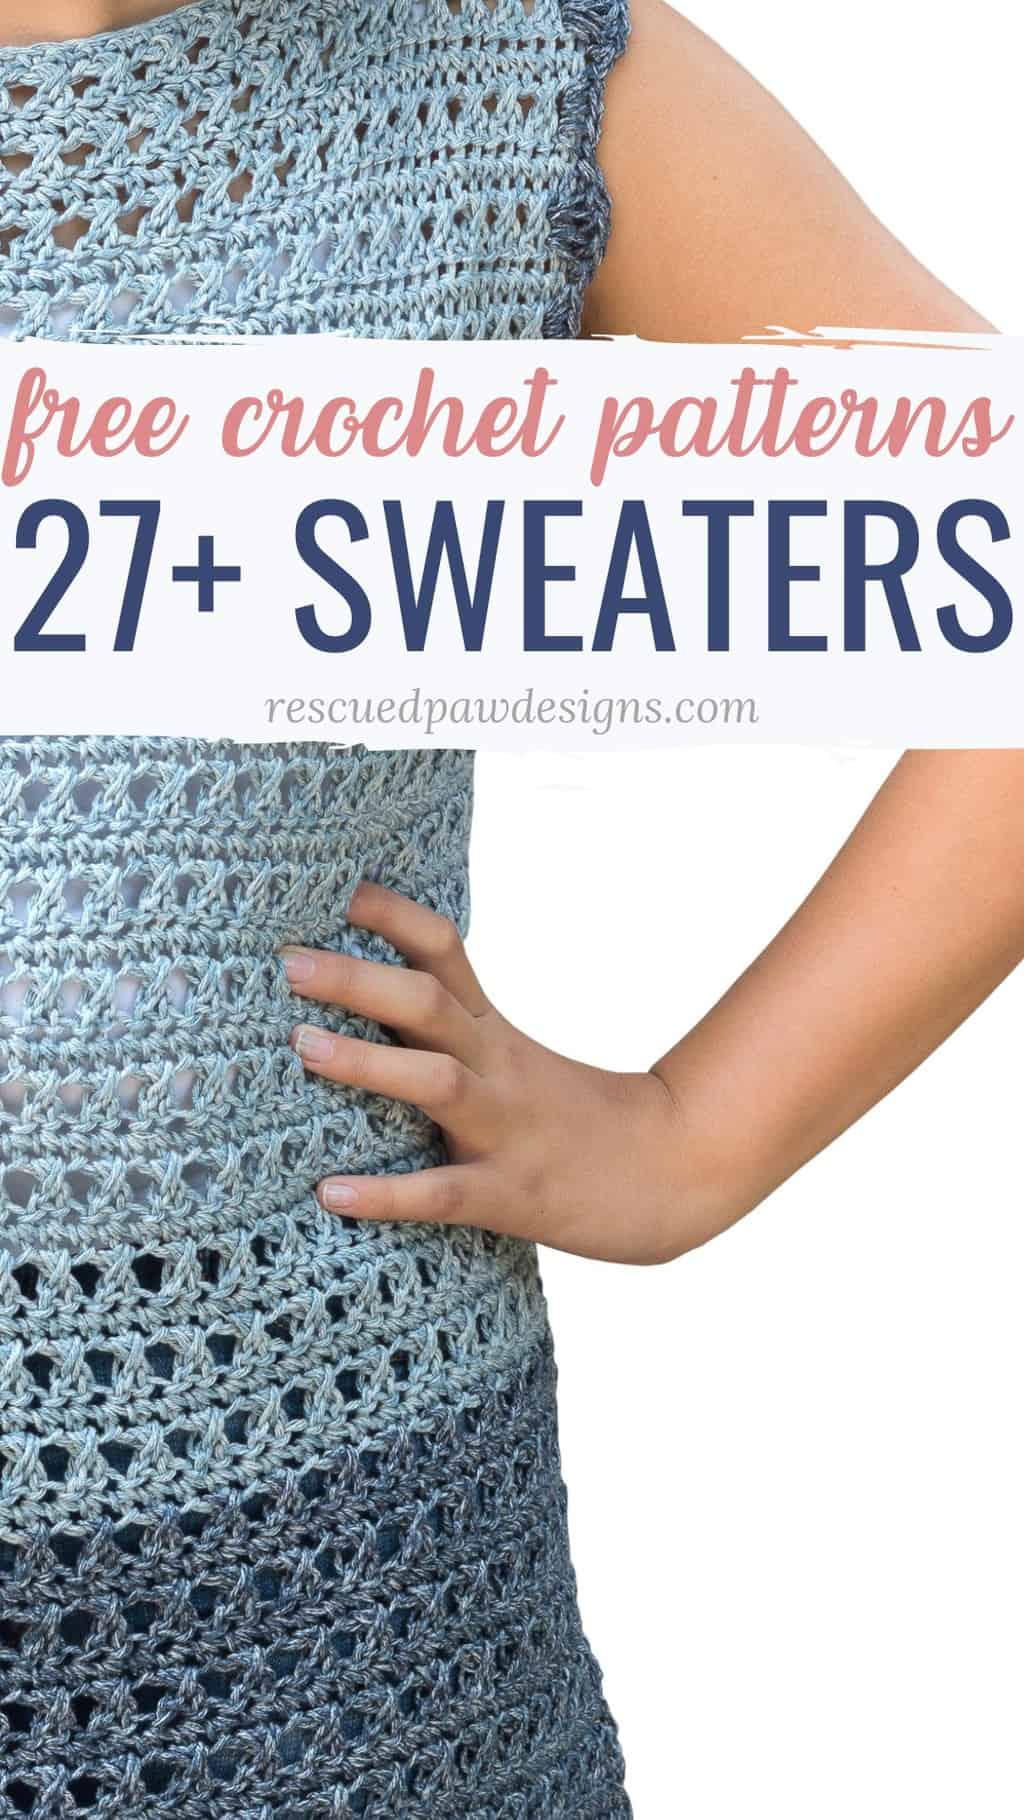 27 Free Easy Crochet Sweater Patterns Easycrochet Com